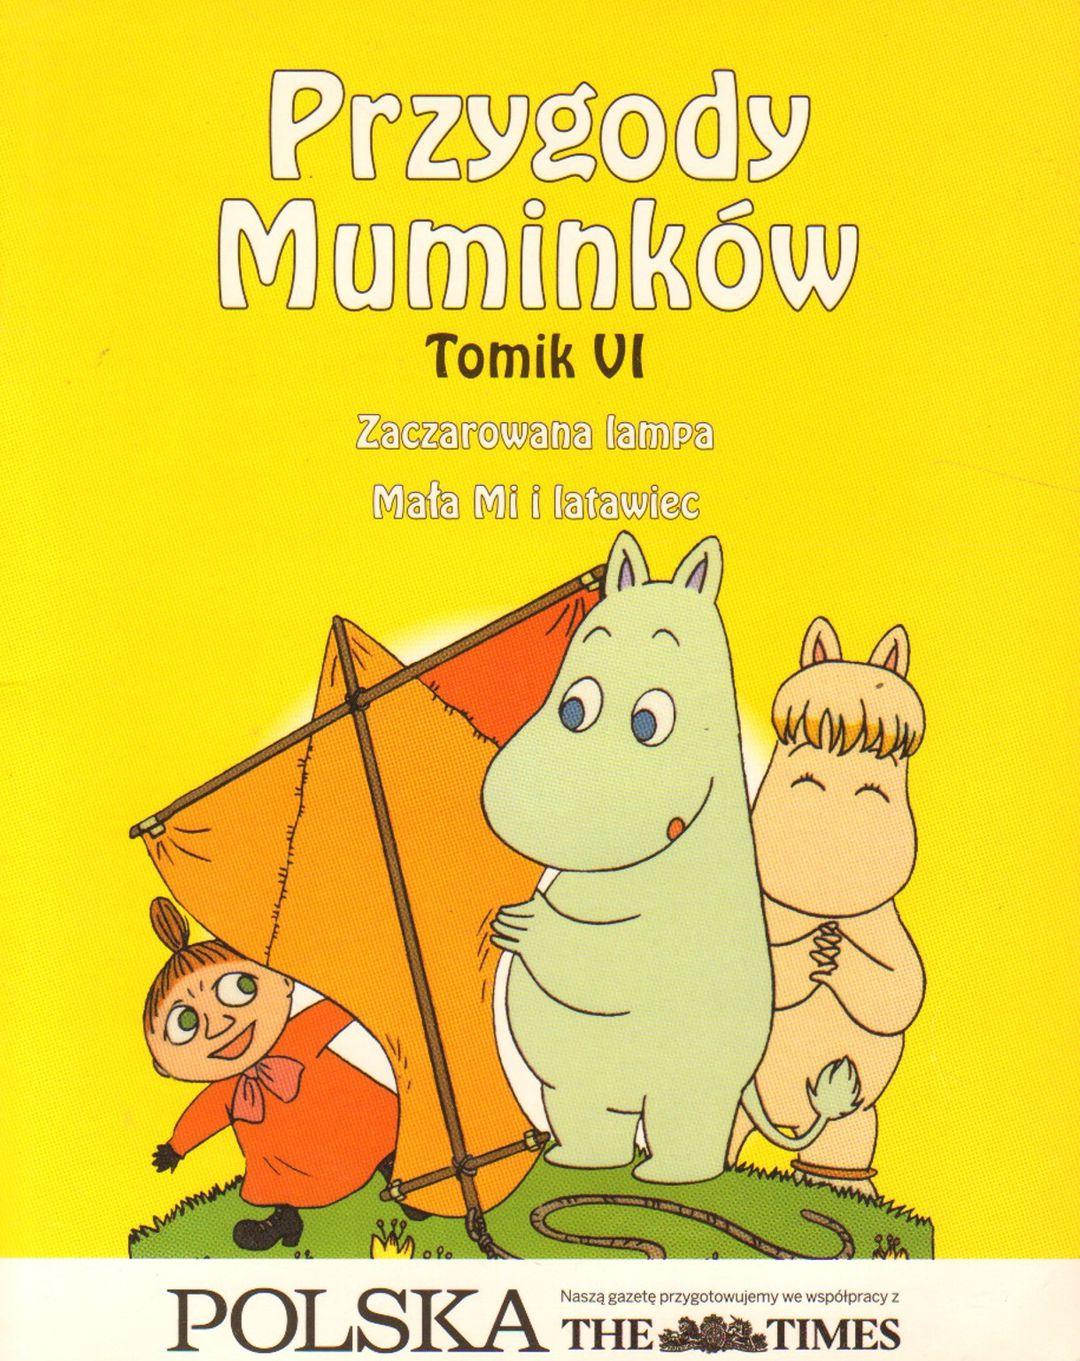 Tomik VI. Zaczarowana lampa. Mała Mi i latawiec #TataMariusz; Fot. w.bibliotece.pl